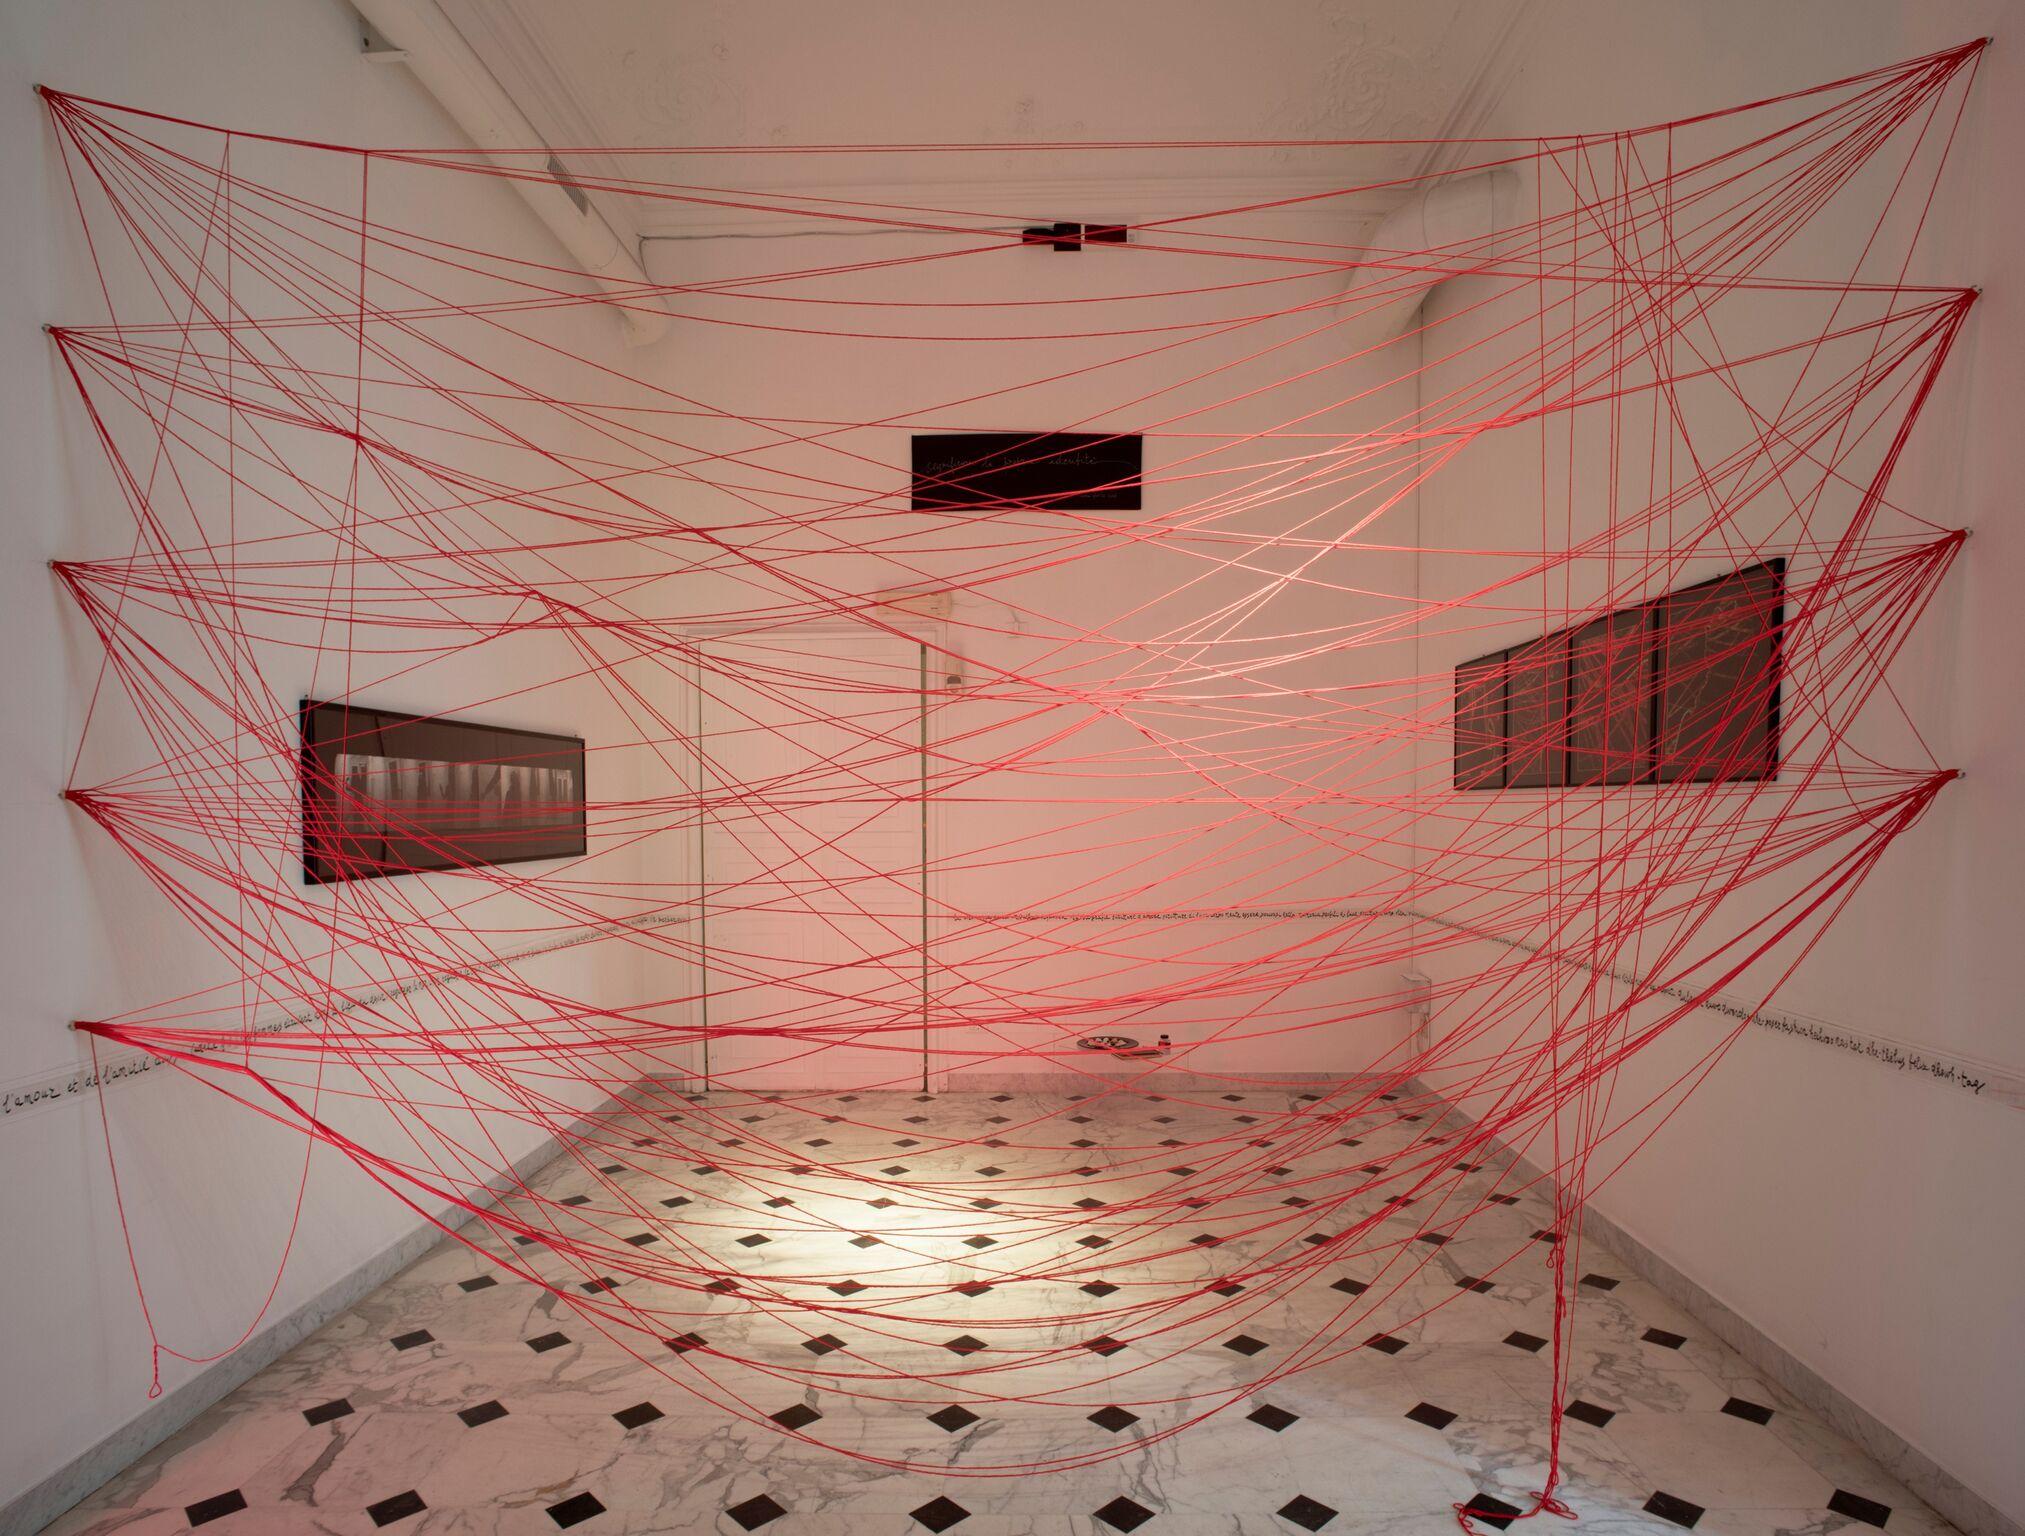 Anna Oberto, veduta installazione Vita, morte, miracoli. Courtesy dell'artista. Foto di Anna Positano